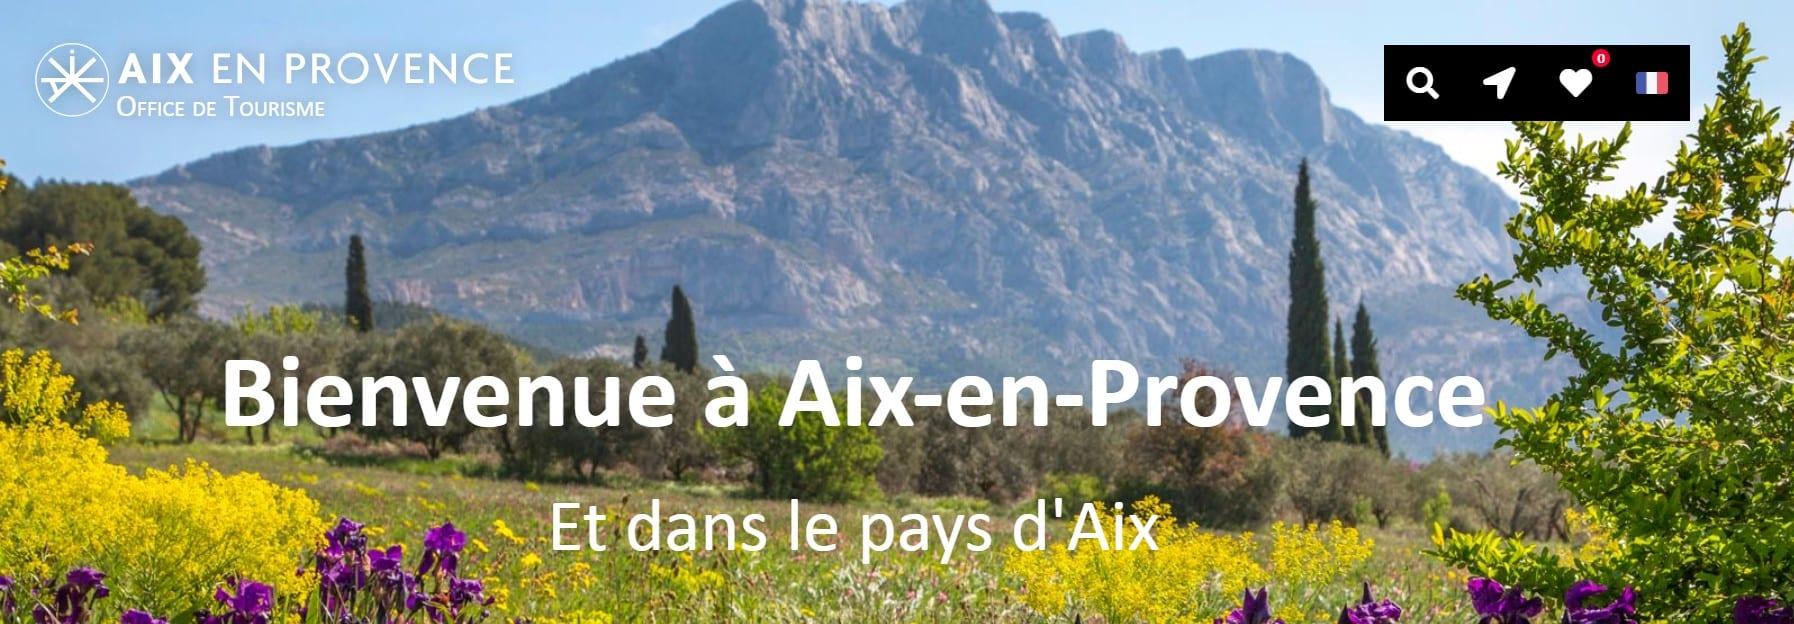 Nouveau Site OT Aix Synexie Apidae